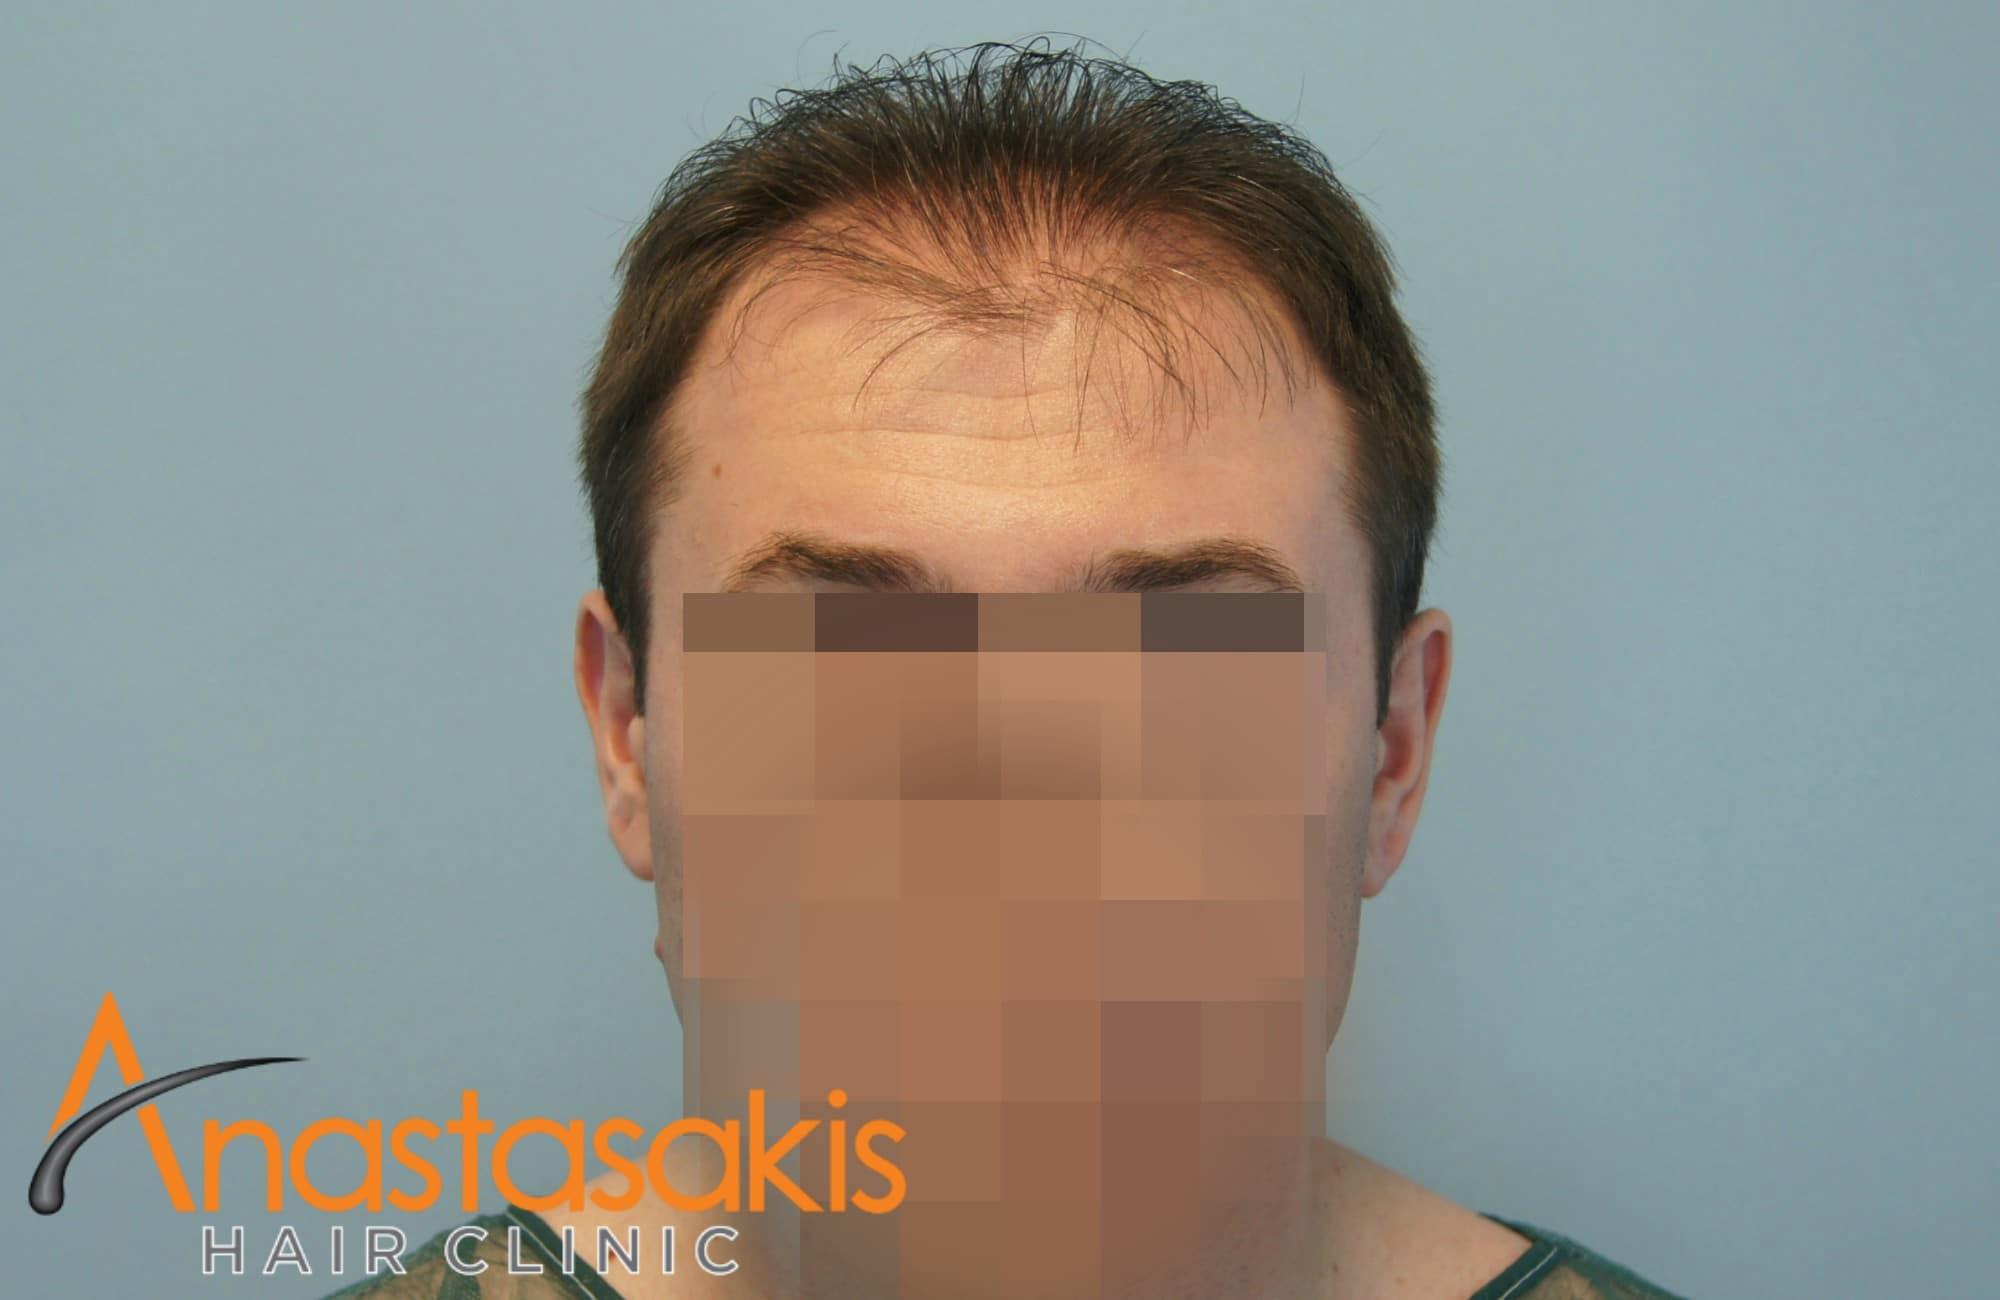 ανφας ασθενους πριν τη μεταμοσχευση μαλλιων με fue με 1700 fus